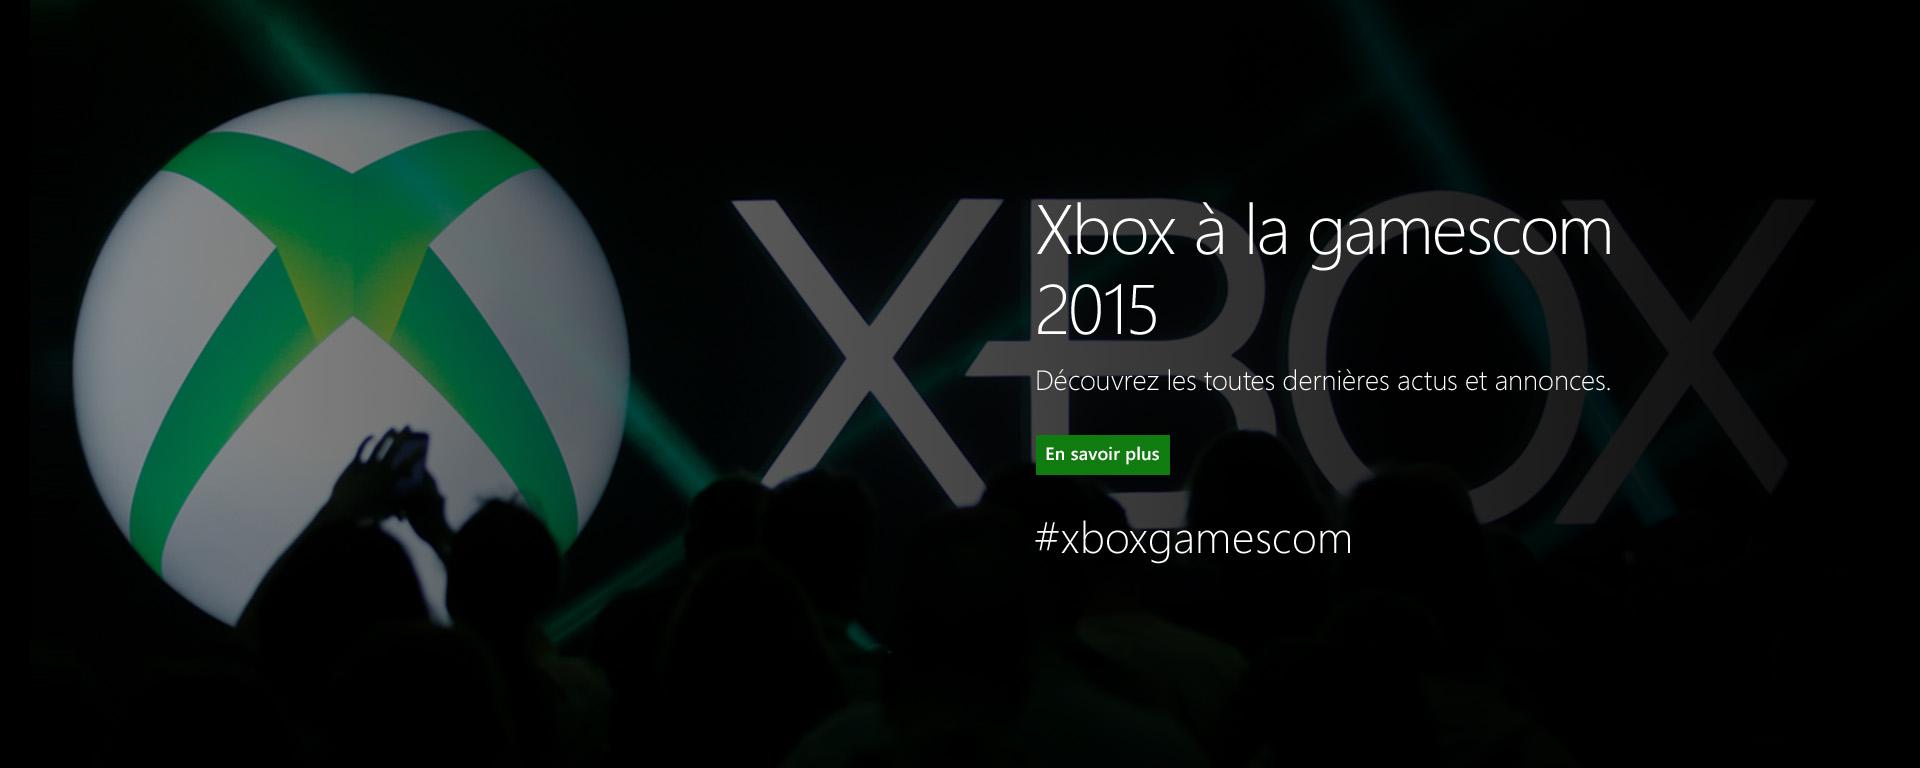 gamescom 2015 | Xbox